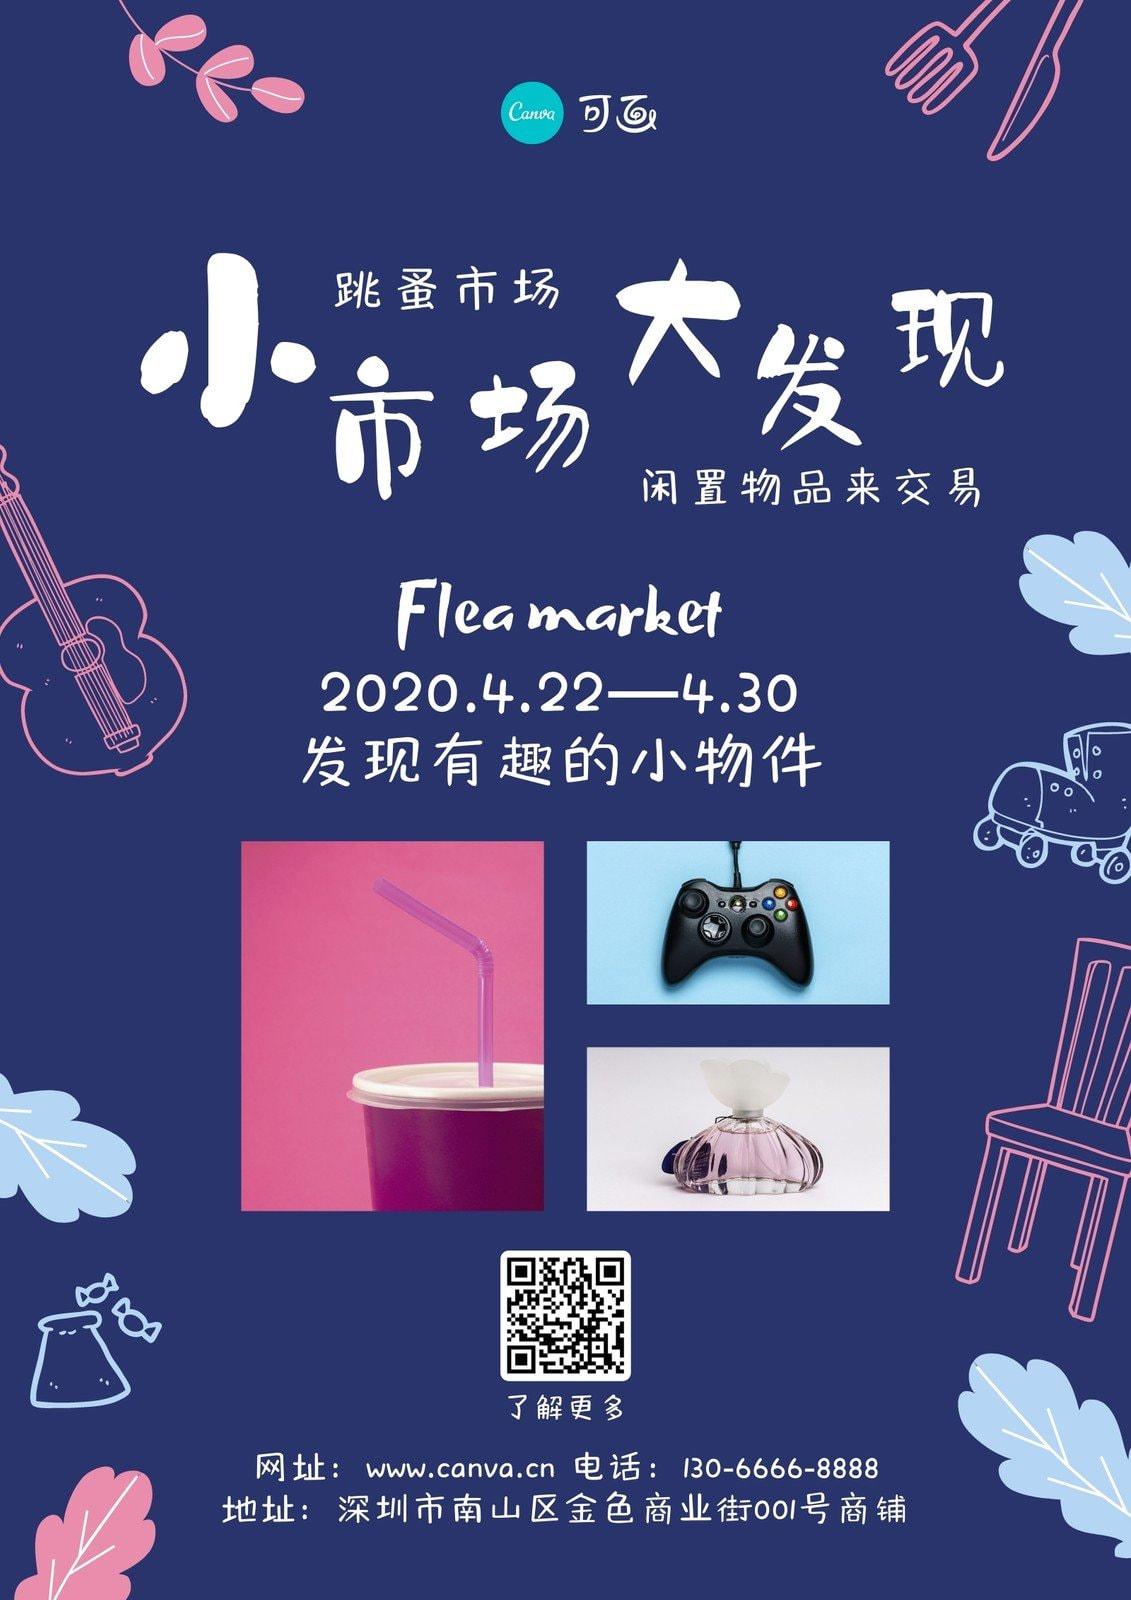 蓝粉色跳蚤市场矢量活动宣传中文海报